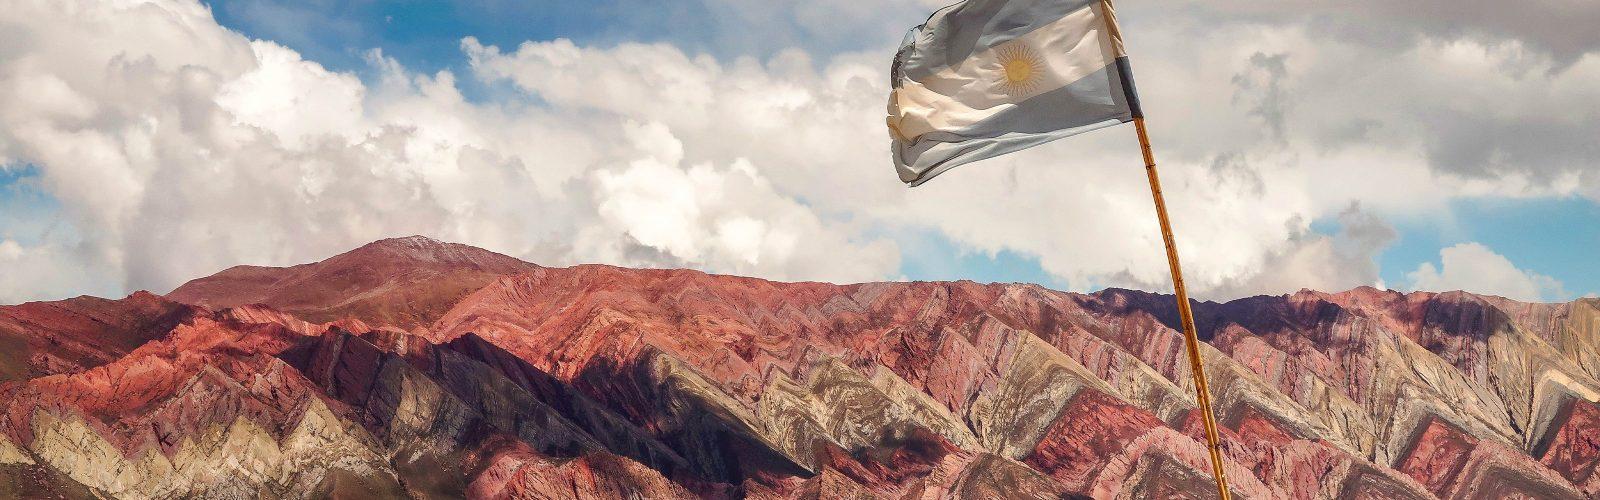 Argentina Rainbow Mountain Hero 3200.1000